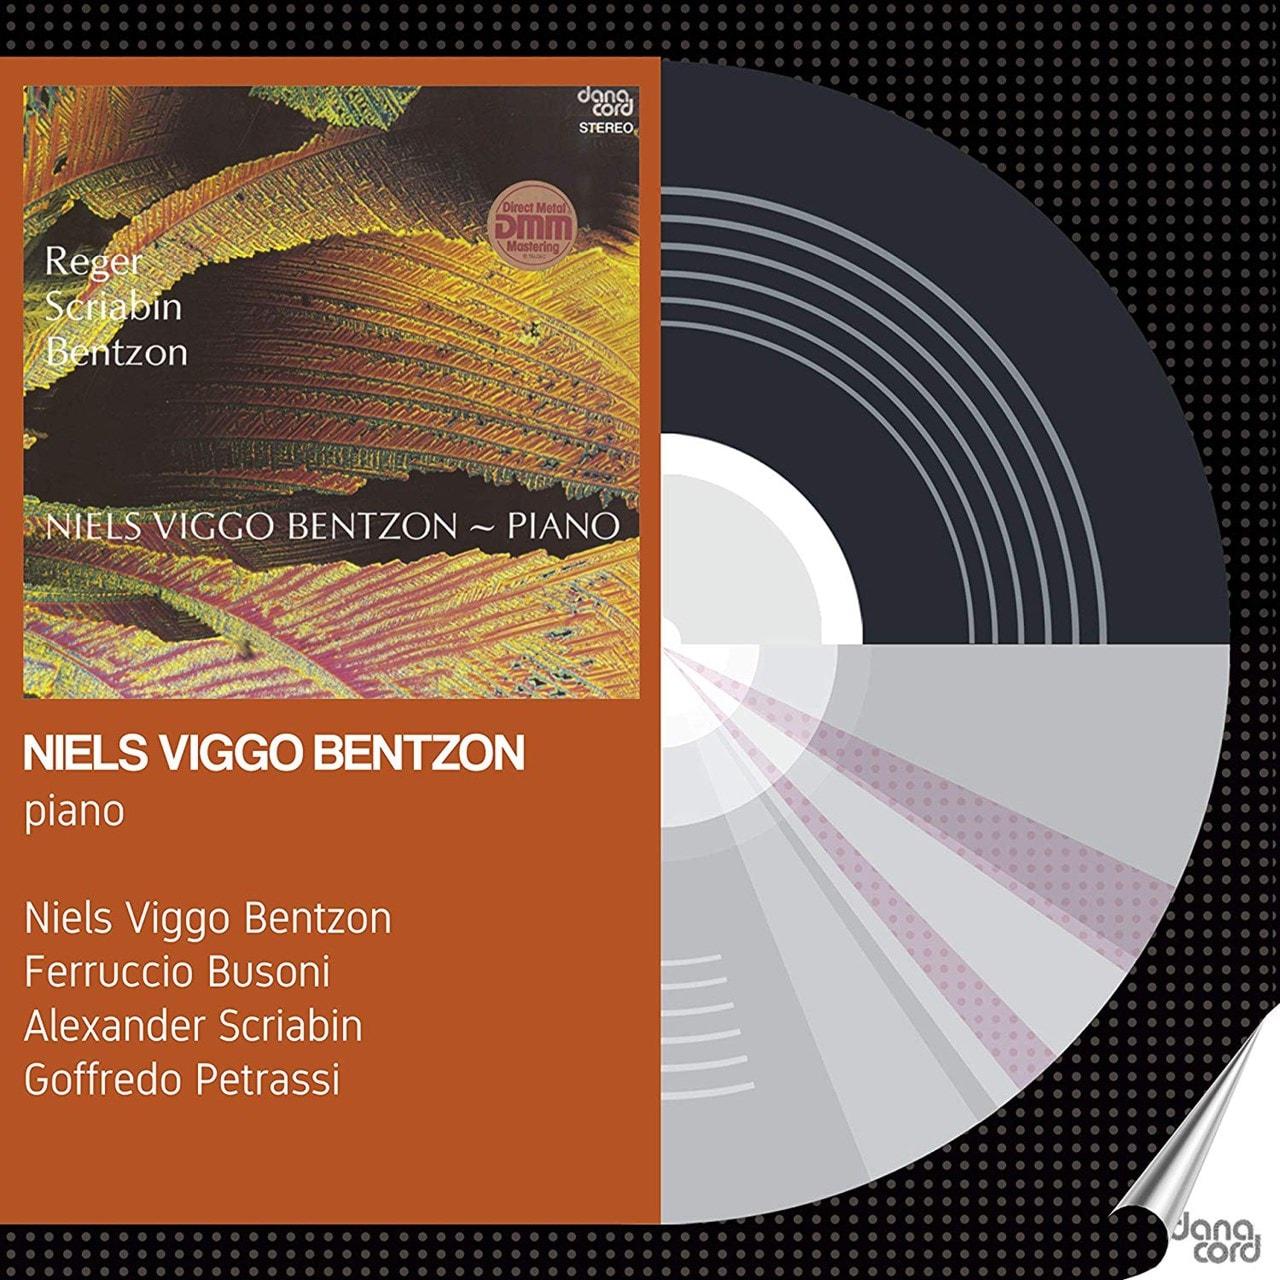 Niels Viggo Bentzon: Reger/Scriabin/Bentzon - 1